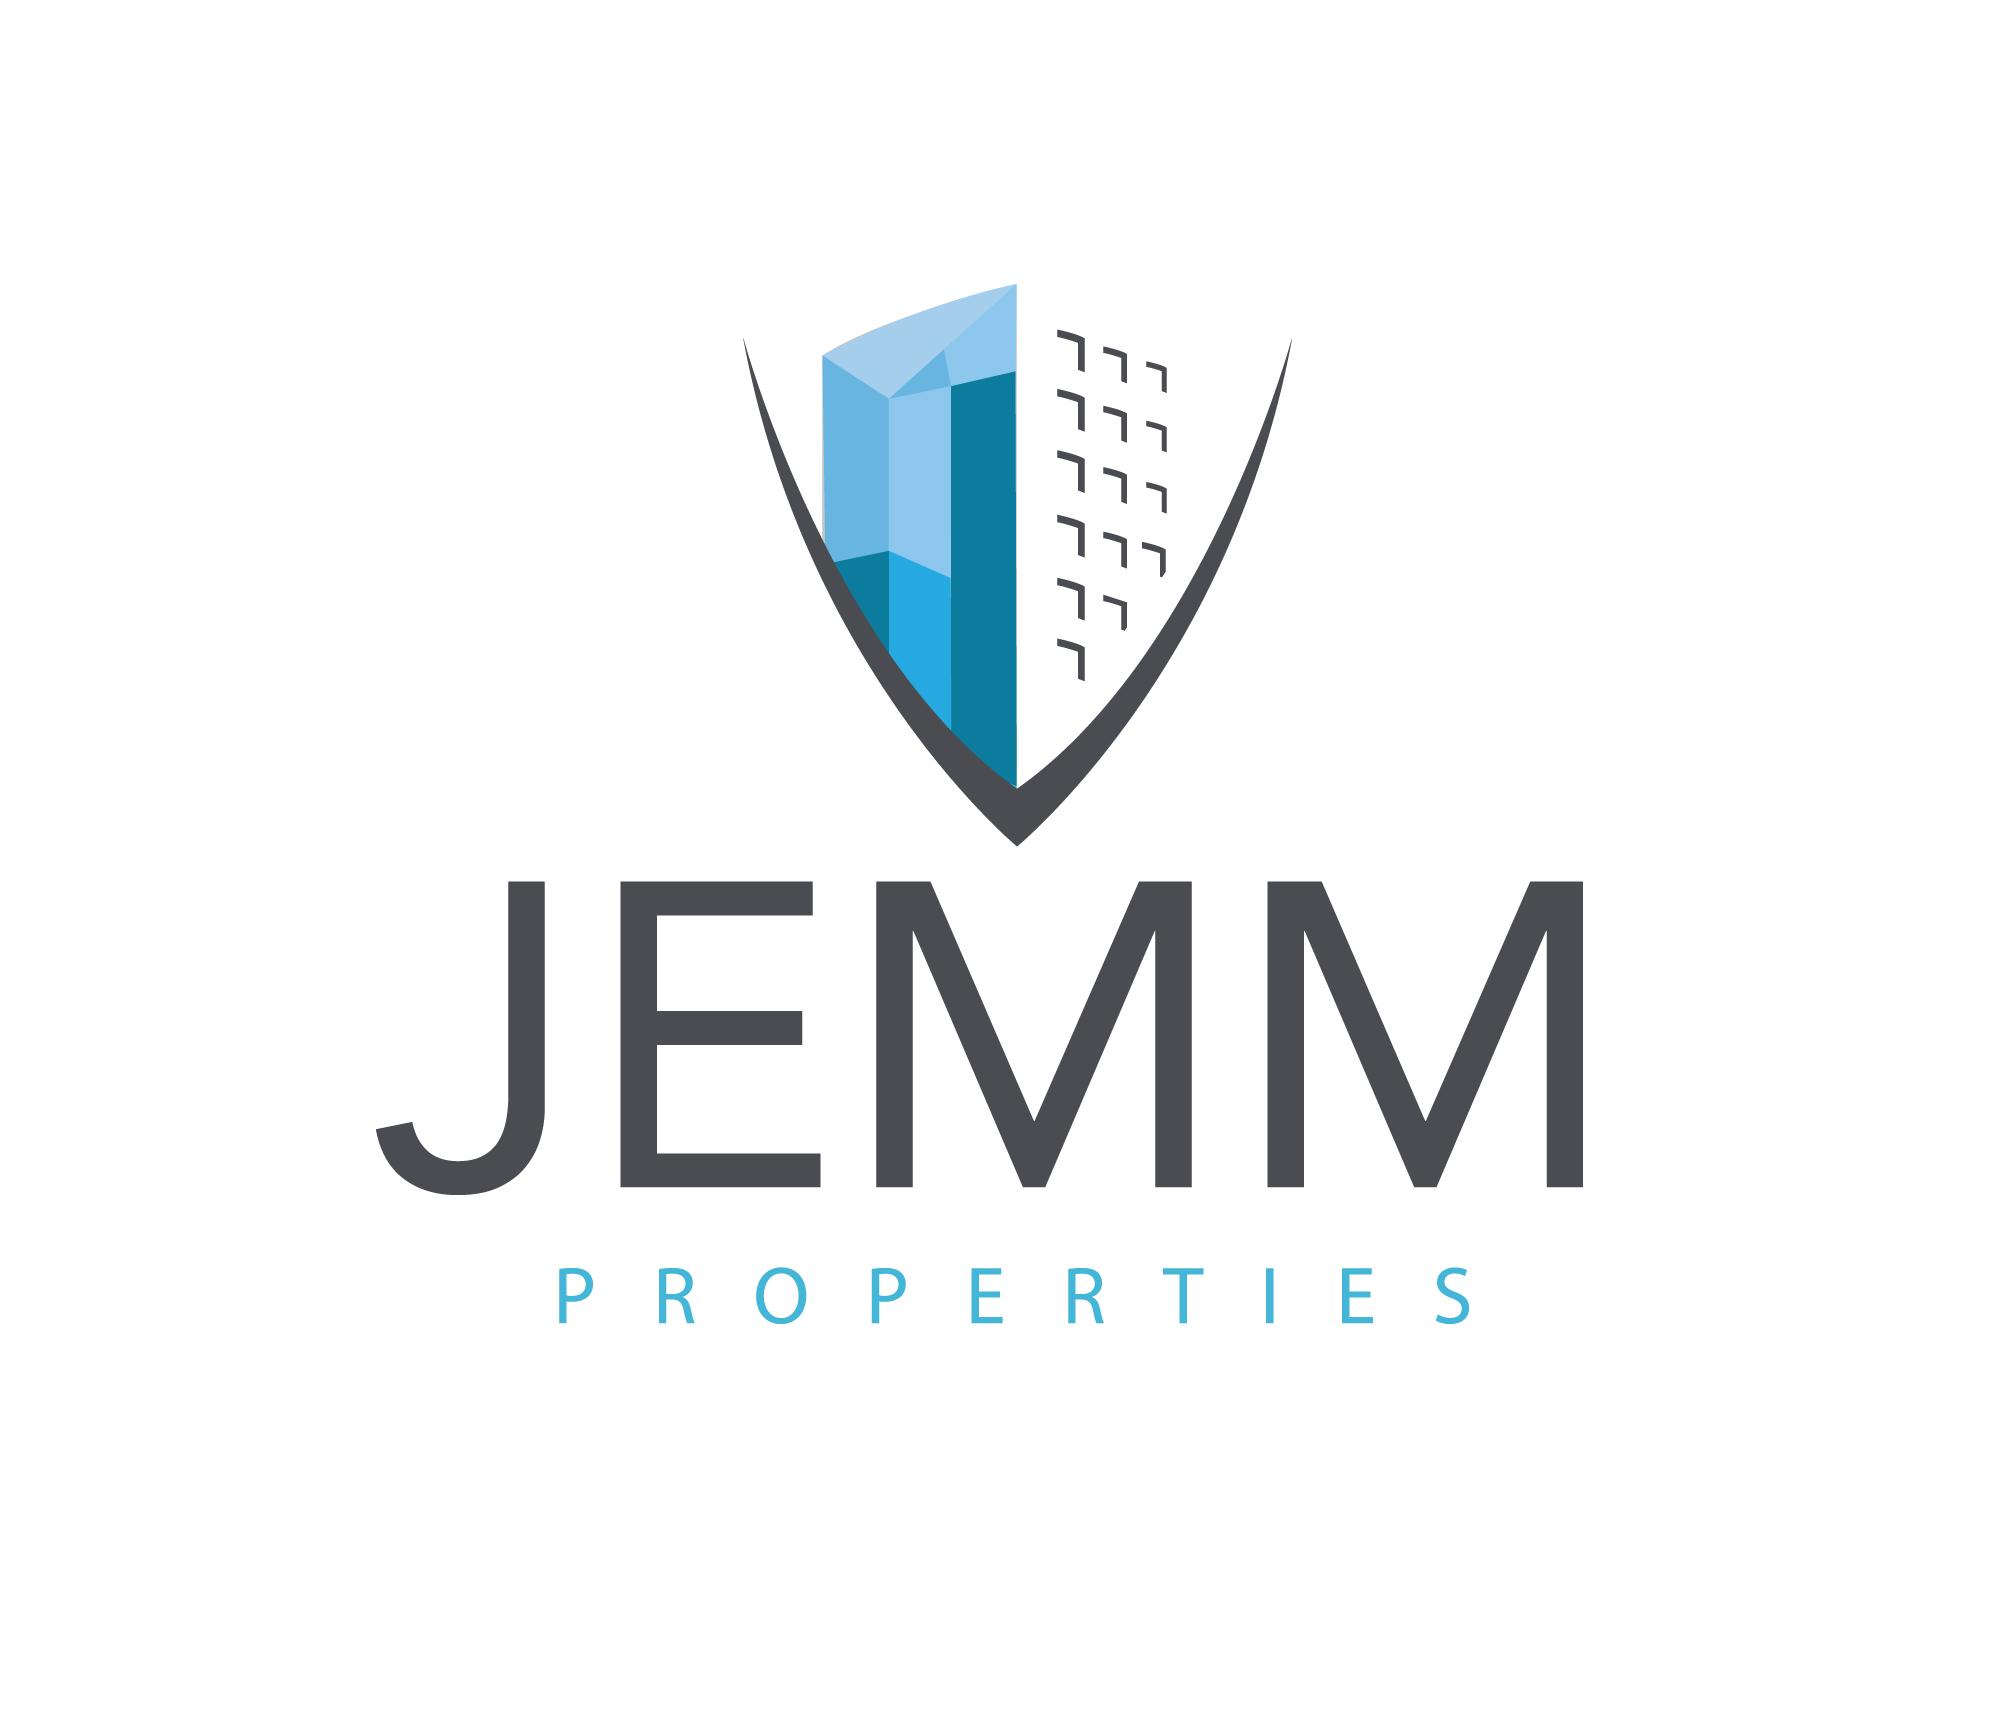 JEMM_BLUE ON WHITE.jpg